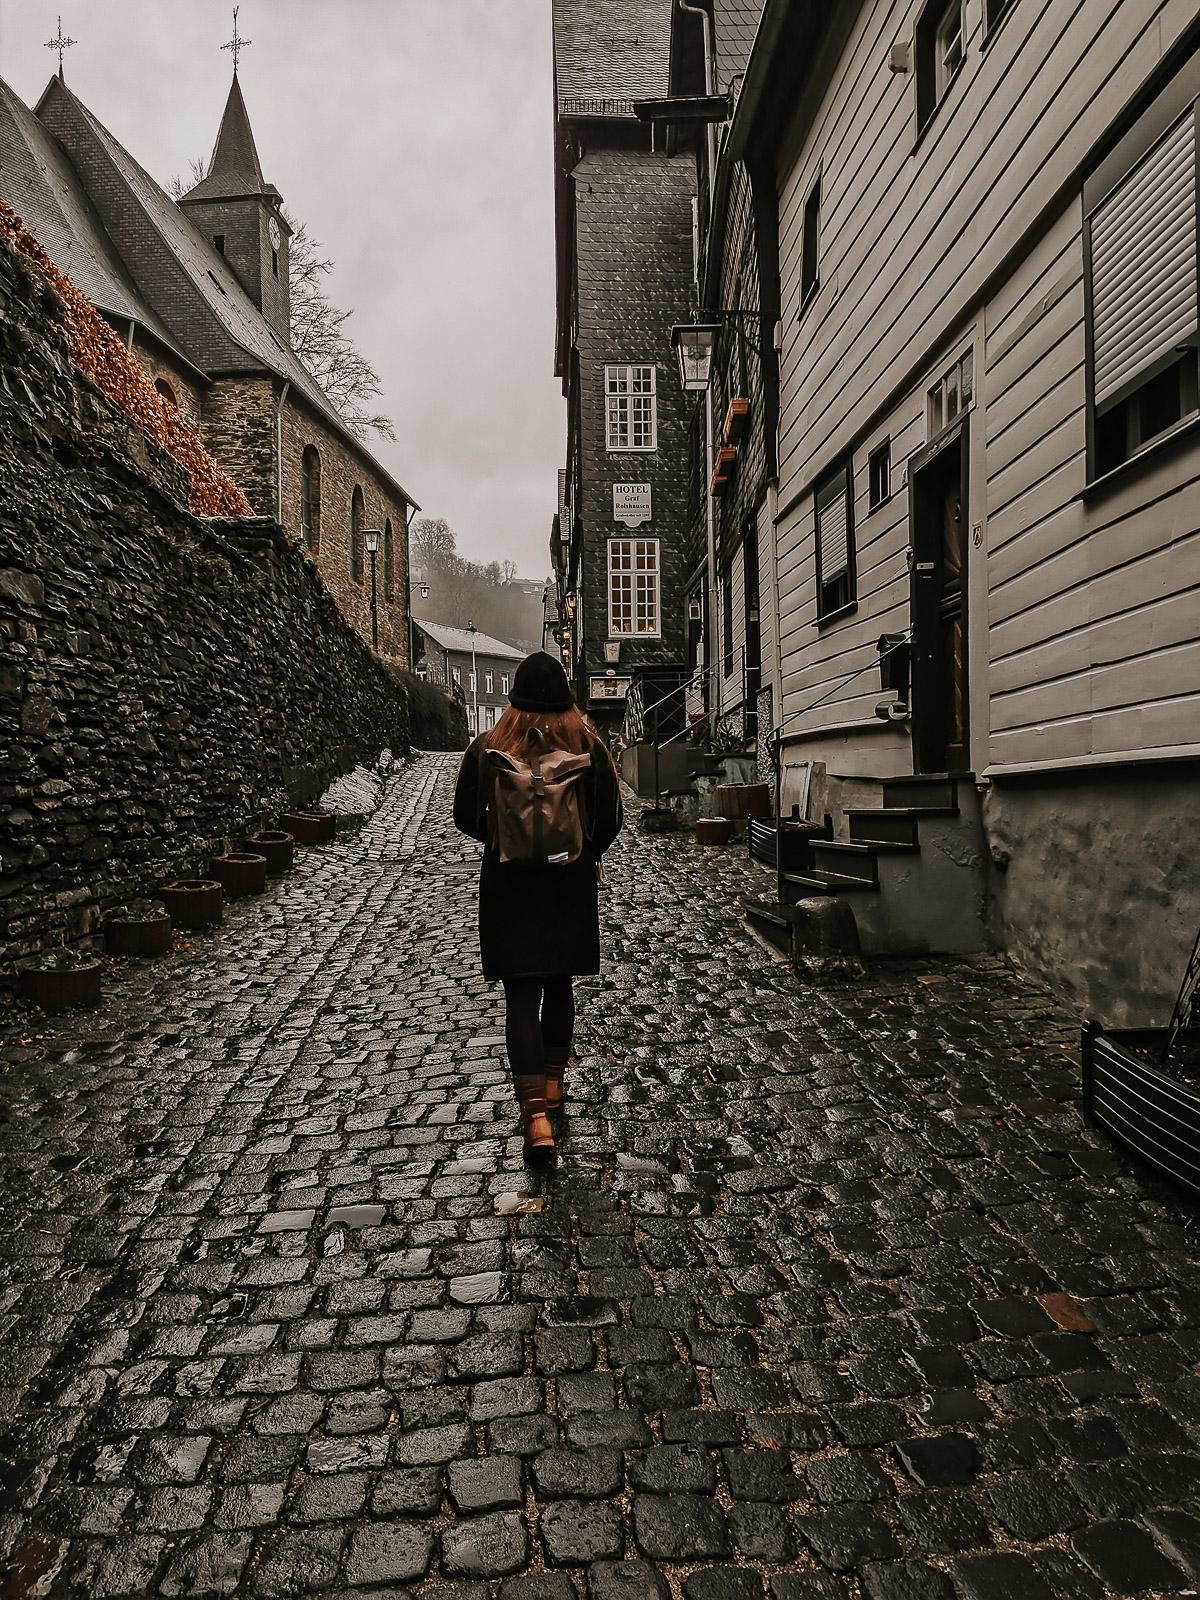 Monschau, Wandern in Monschau, Monschau Reisen, Monschau Airbnb, Monschau Kurzurlaub, Kurzurlaub Wandern Eifel, Wandern Eifel, Kurzurlaub Wandern, Kurzurlaub Deutschland, Reisen in Deutschland, Wandern in Deutschland, Monschau